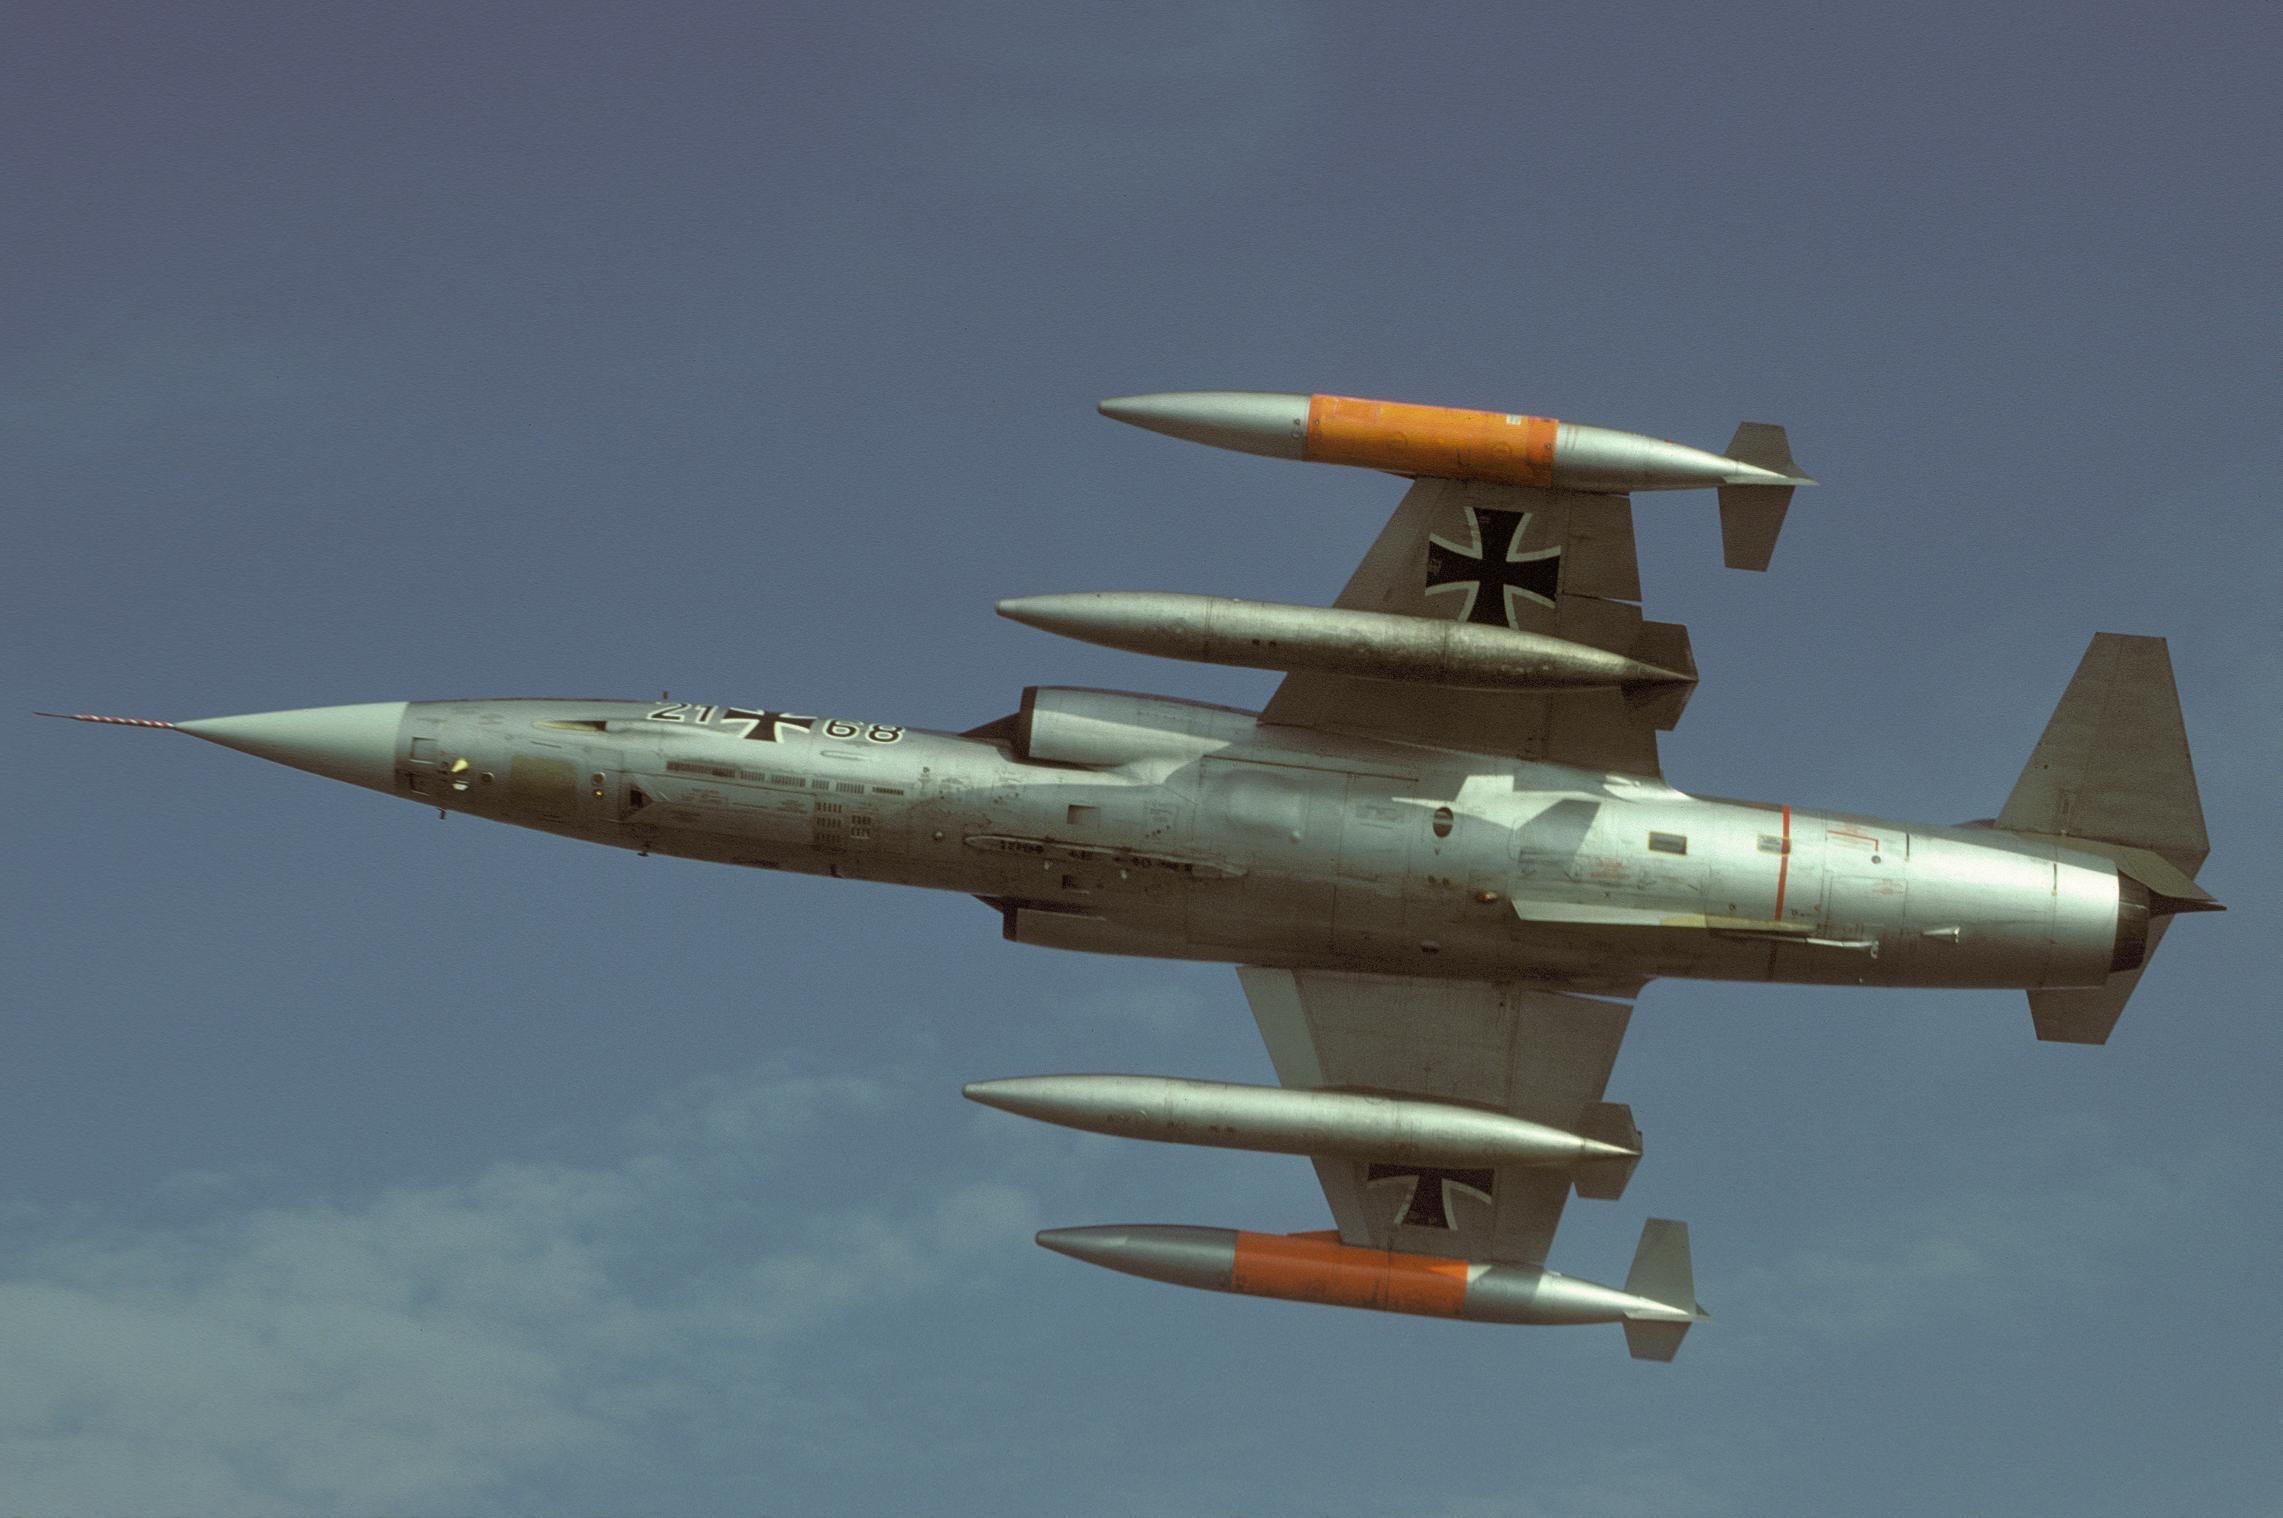 wp_21+68 F-104G JaboG 33_Schwarz.jpg